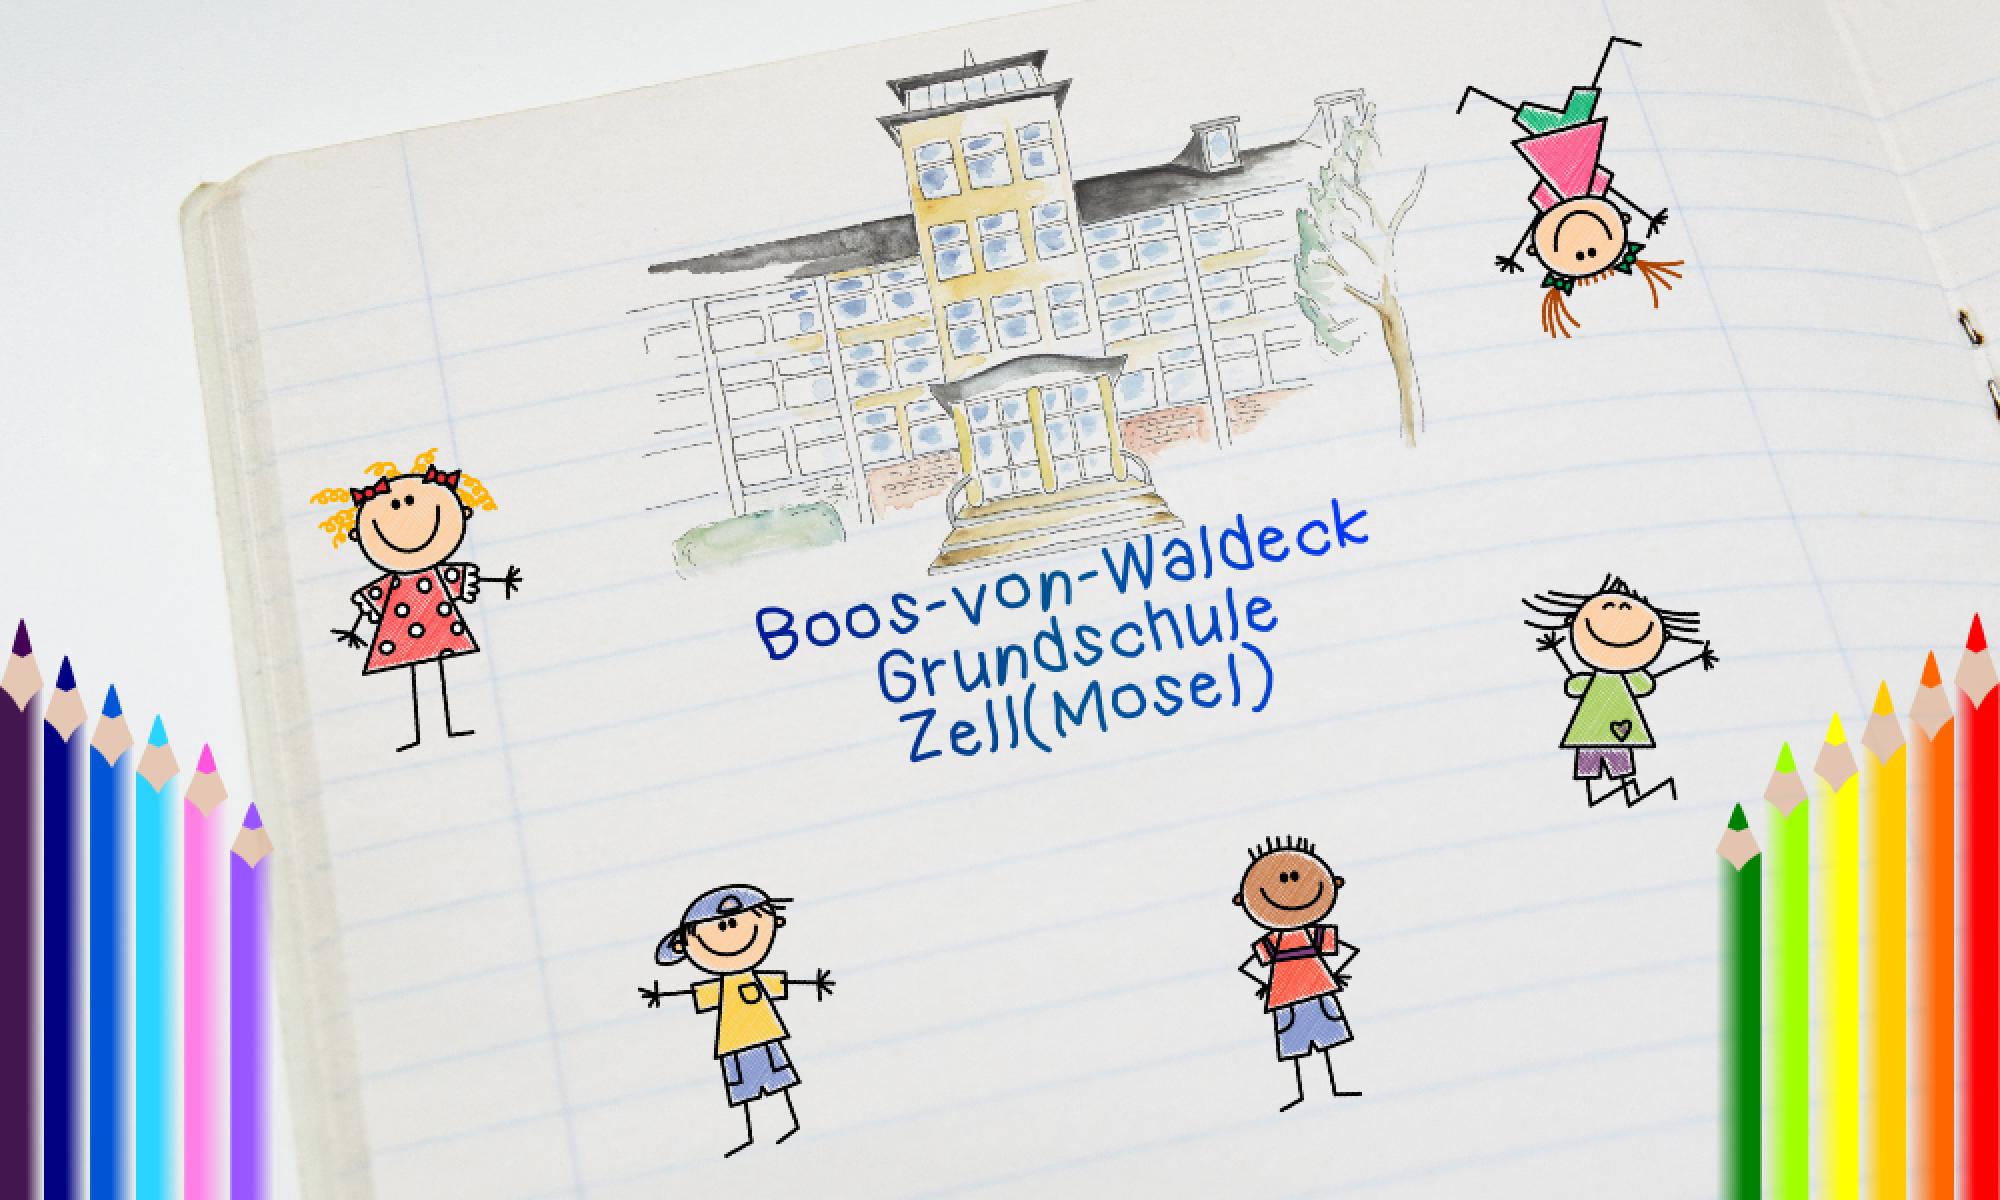 Boos-von-Waldeck-Grundschule